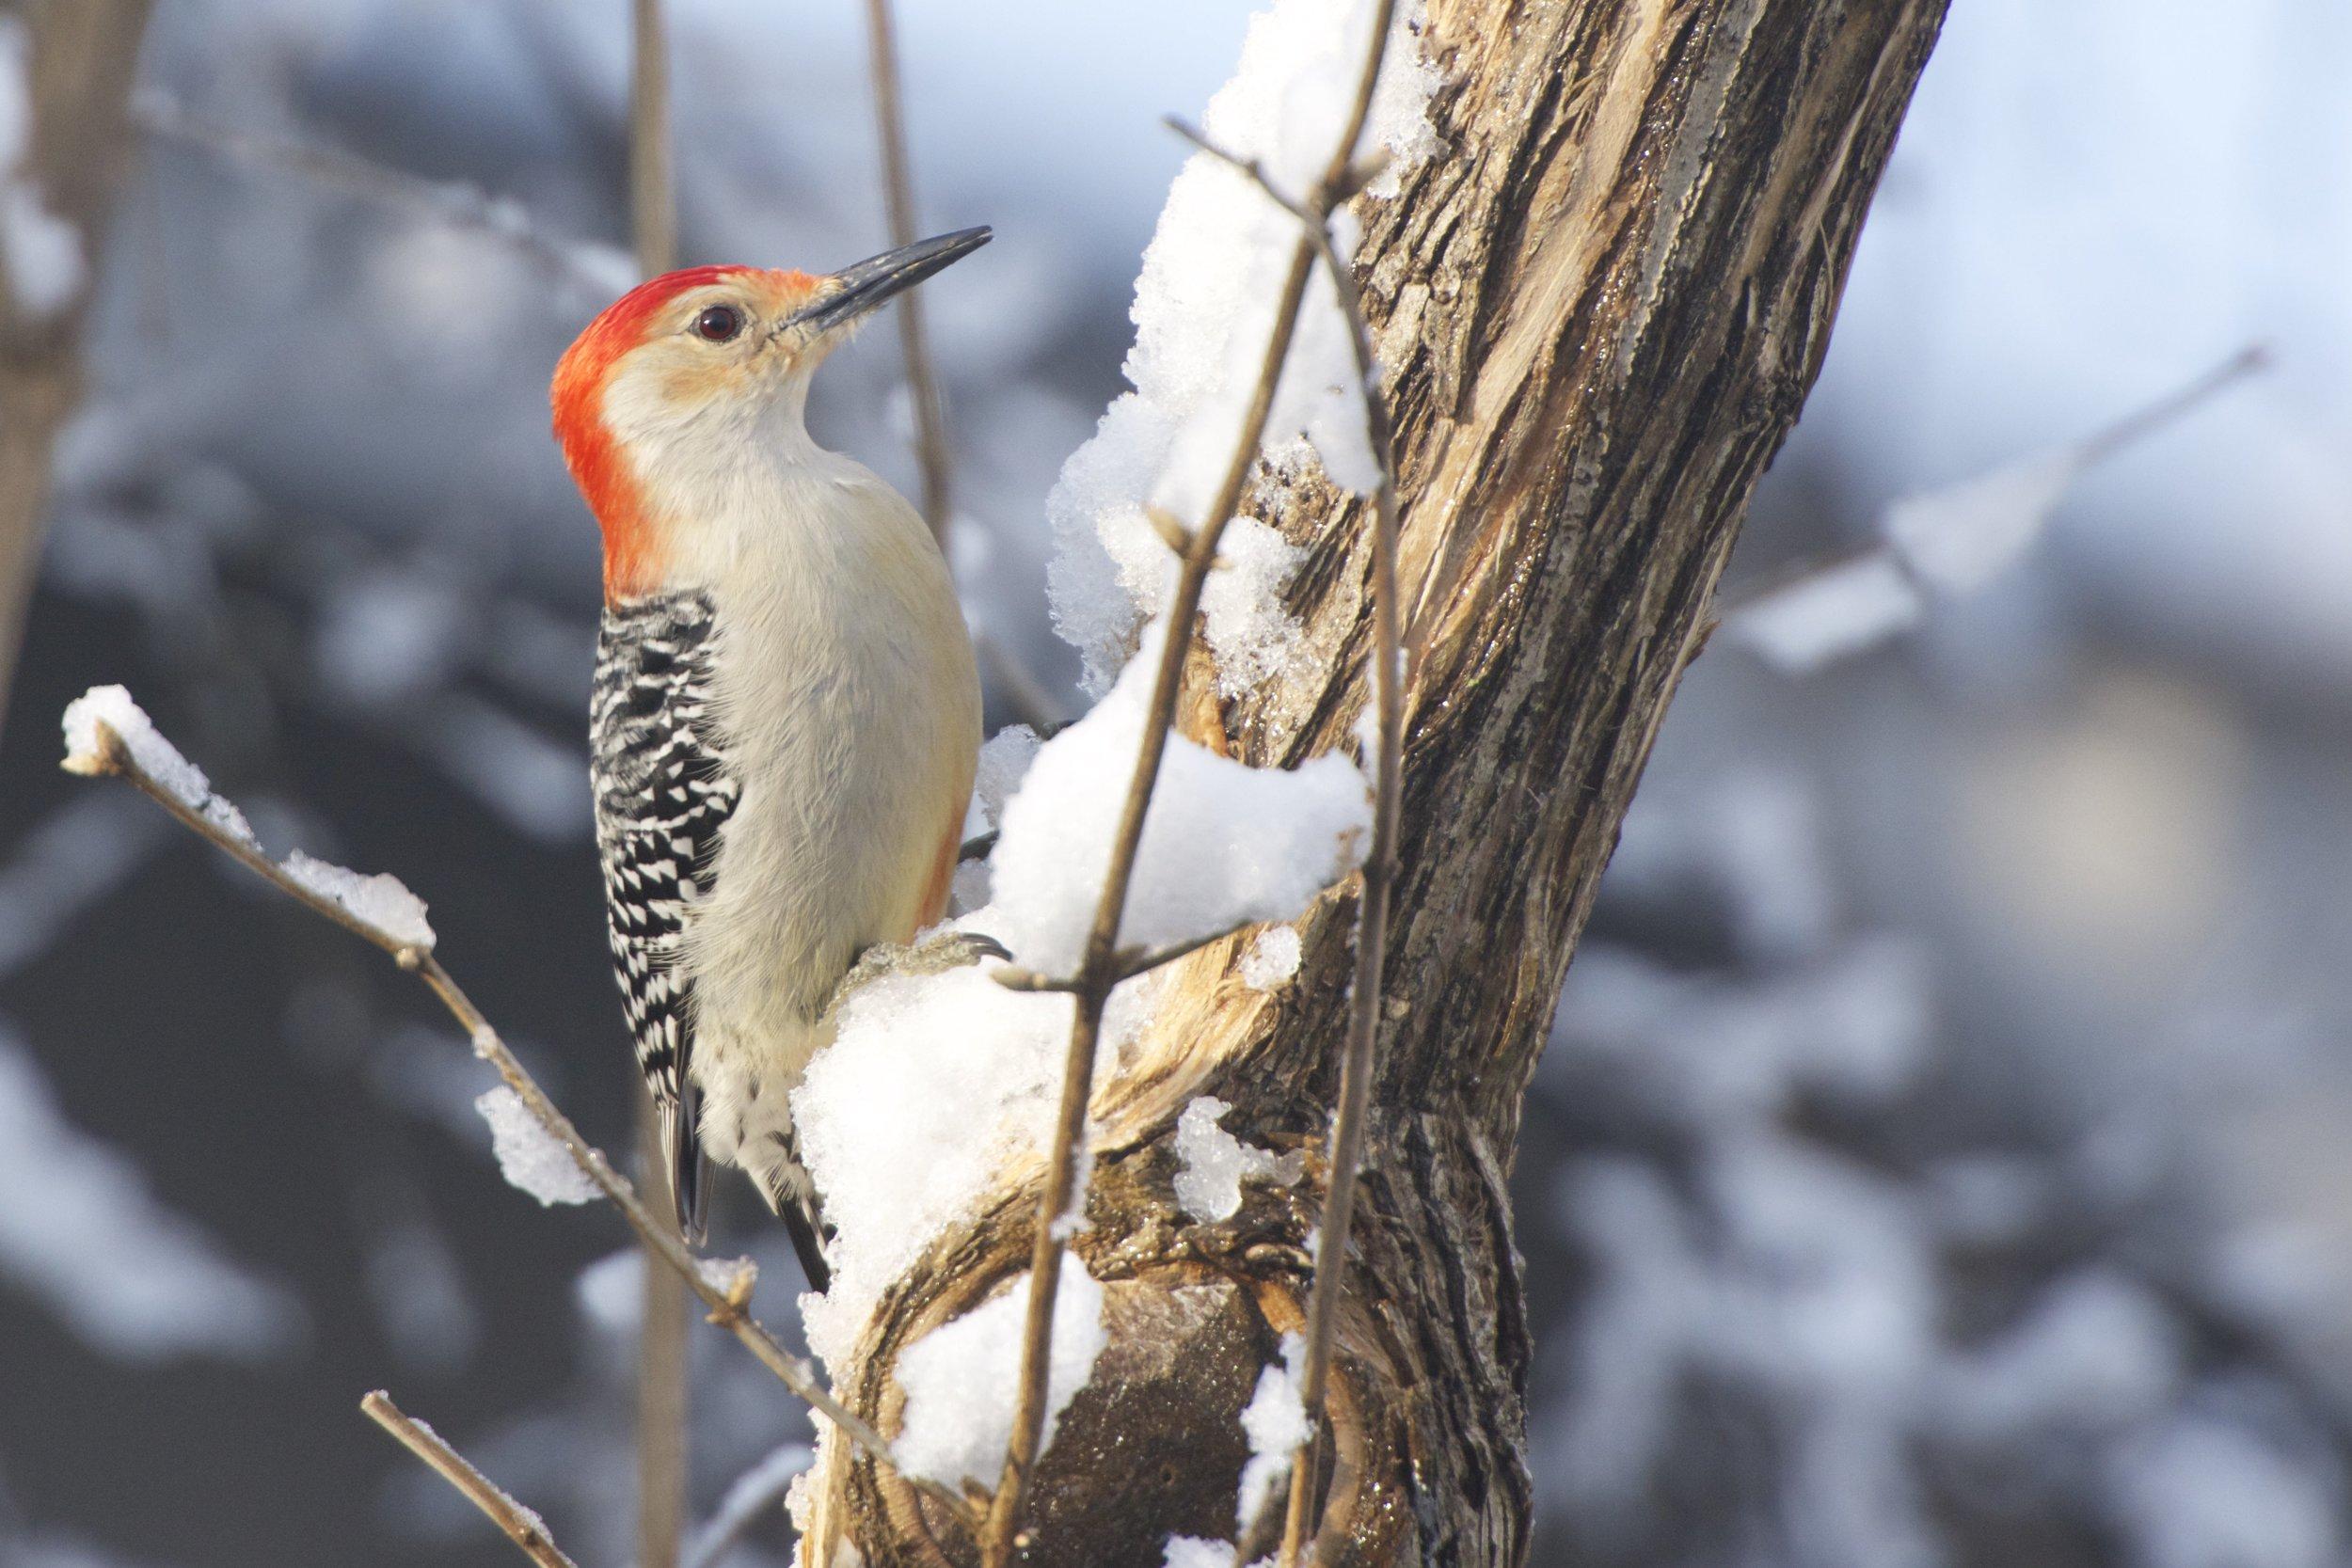 Red-bellied Woodpecker 1 - Version 2.jpg